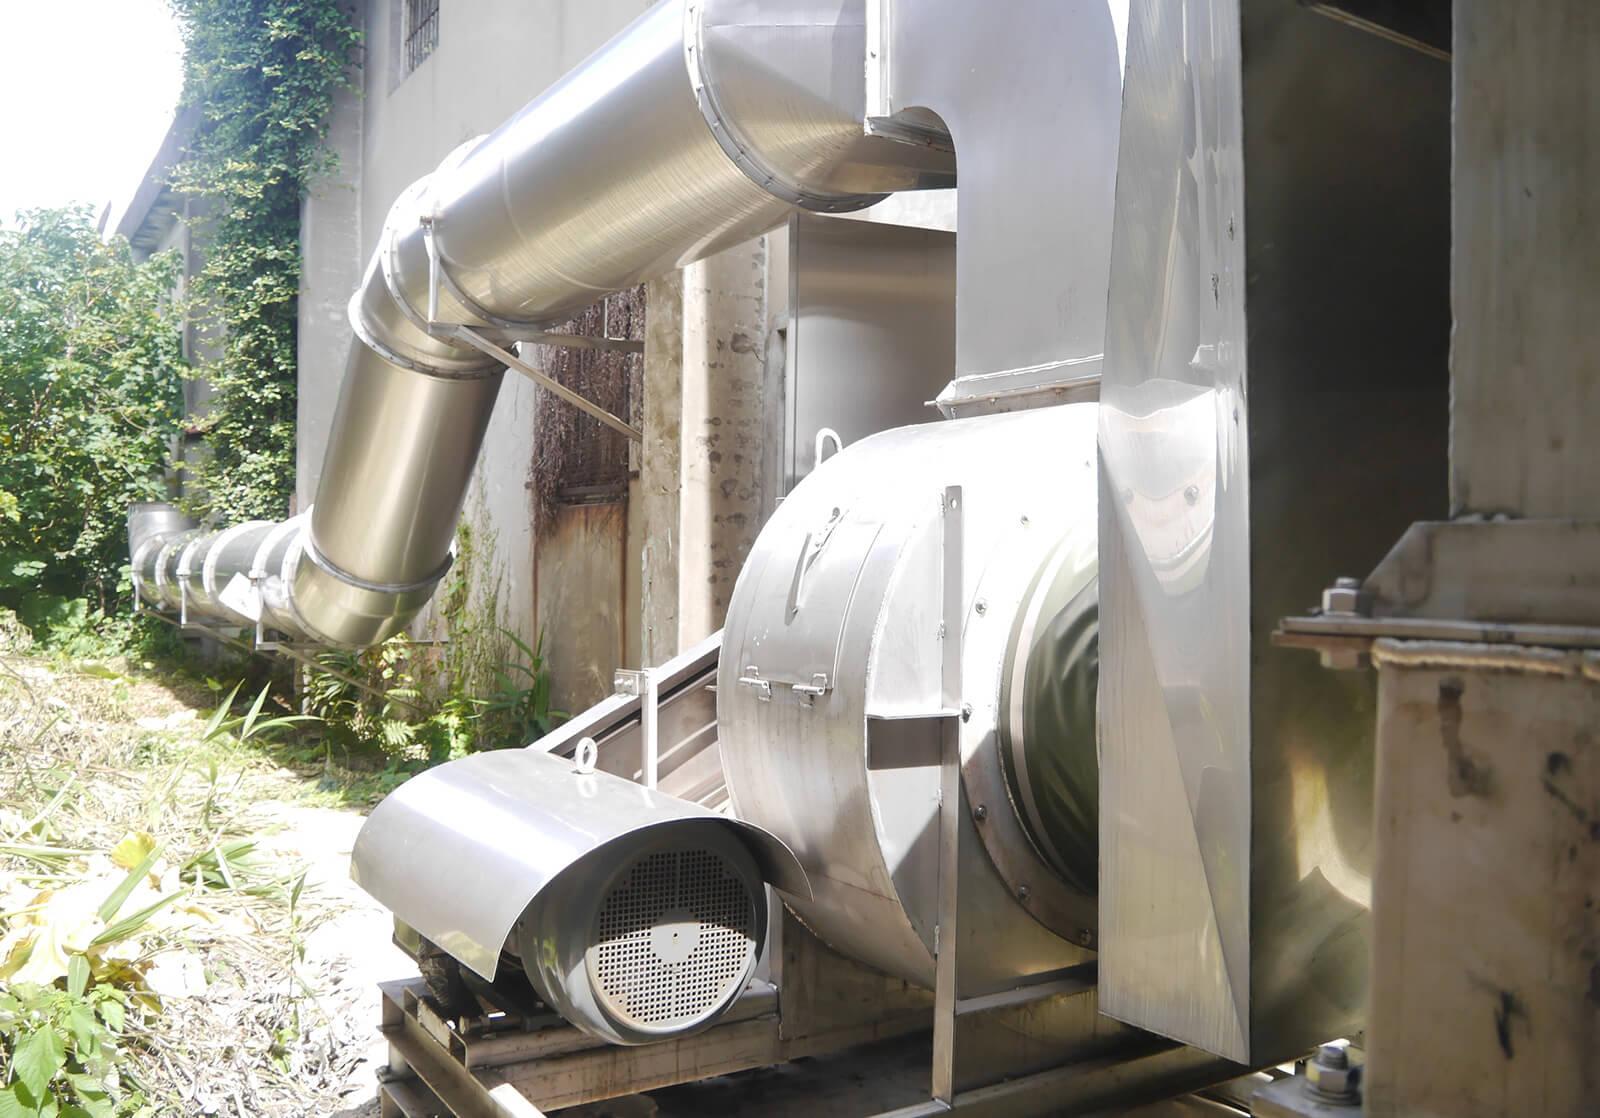 保技鋁業致力於廢棄回收過濾,致力於建構安全、健康的工作環境